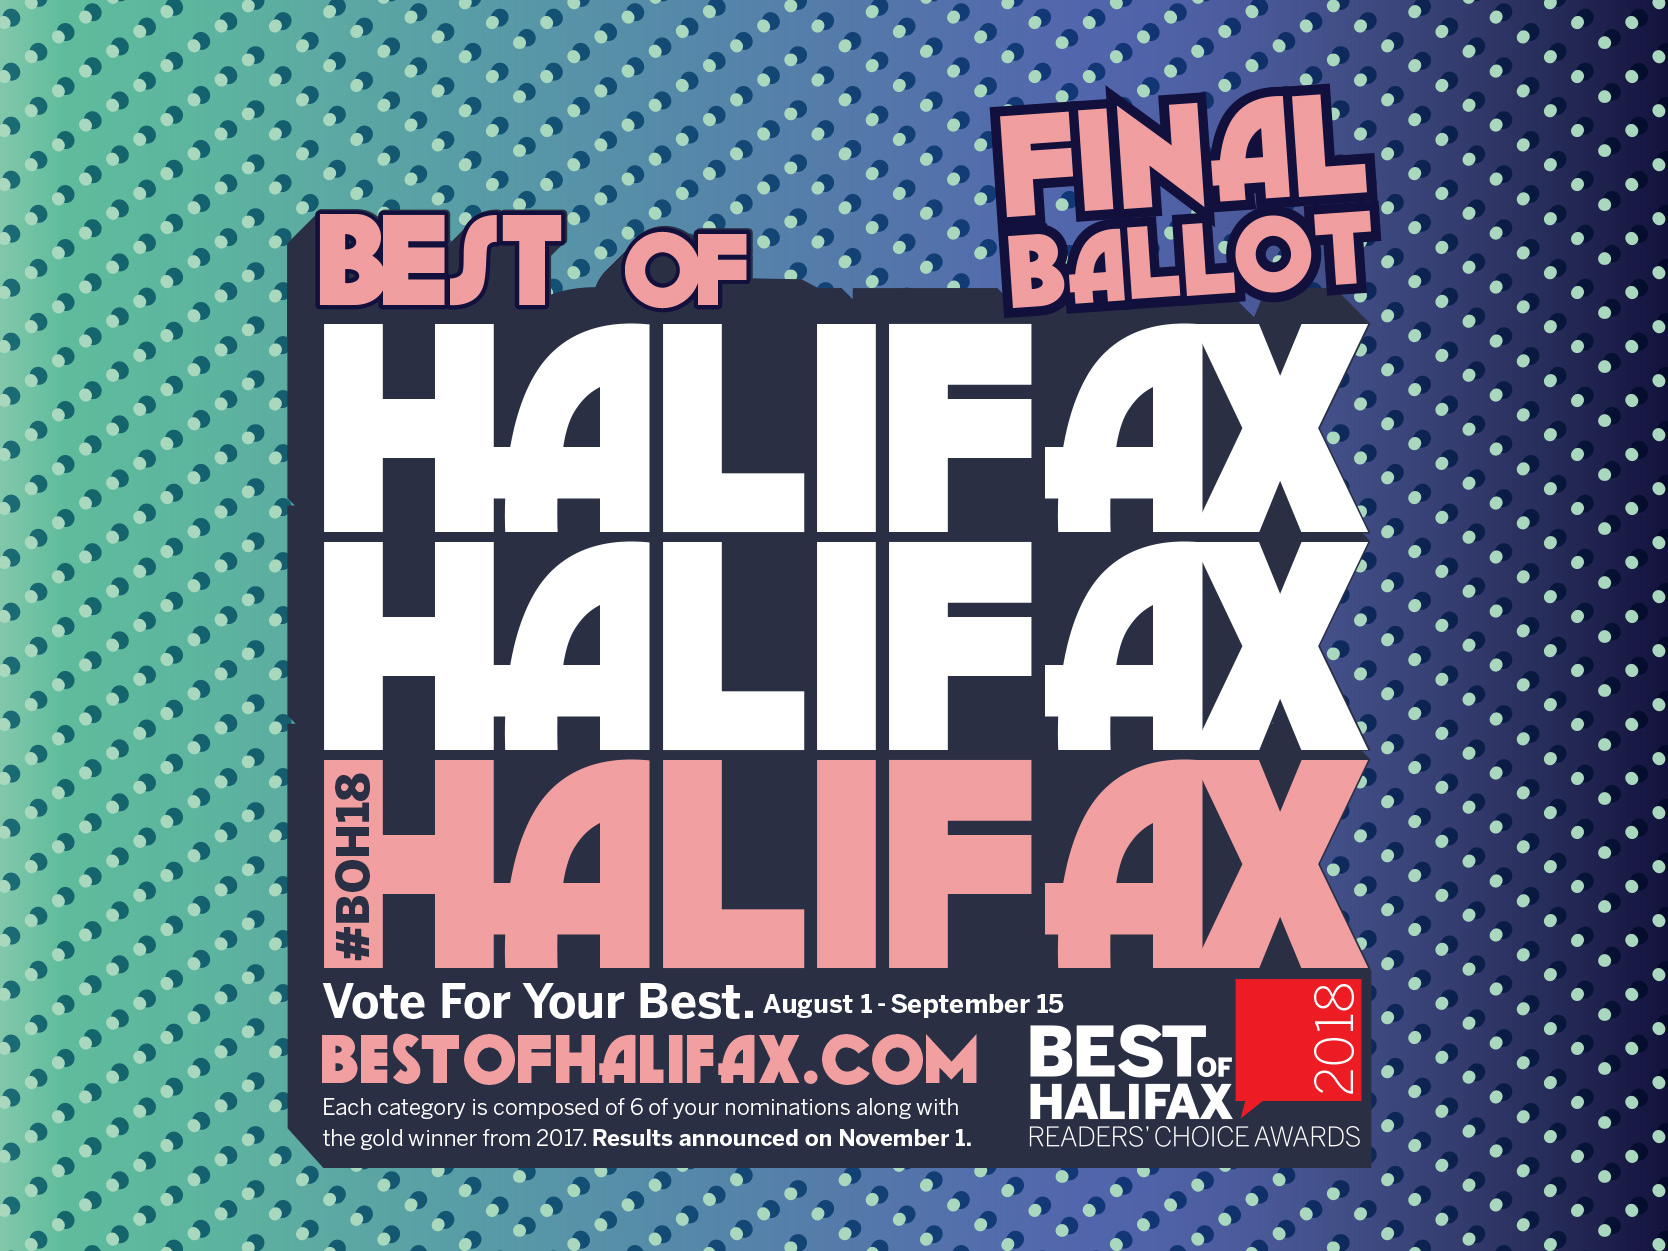 BestOfHalifaxFinalVotingHeader-1600by1200